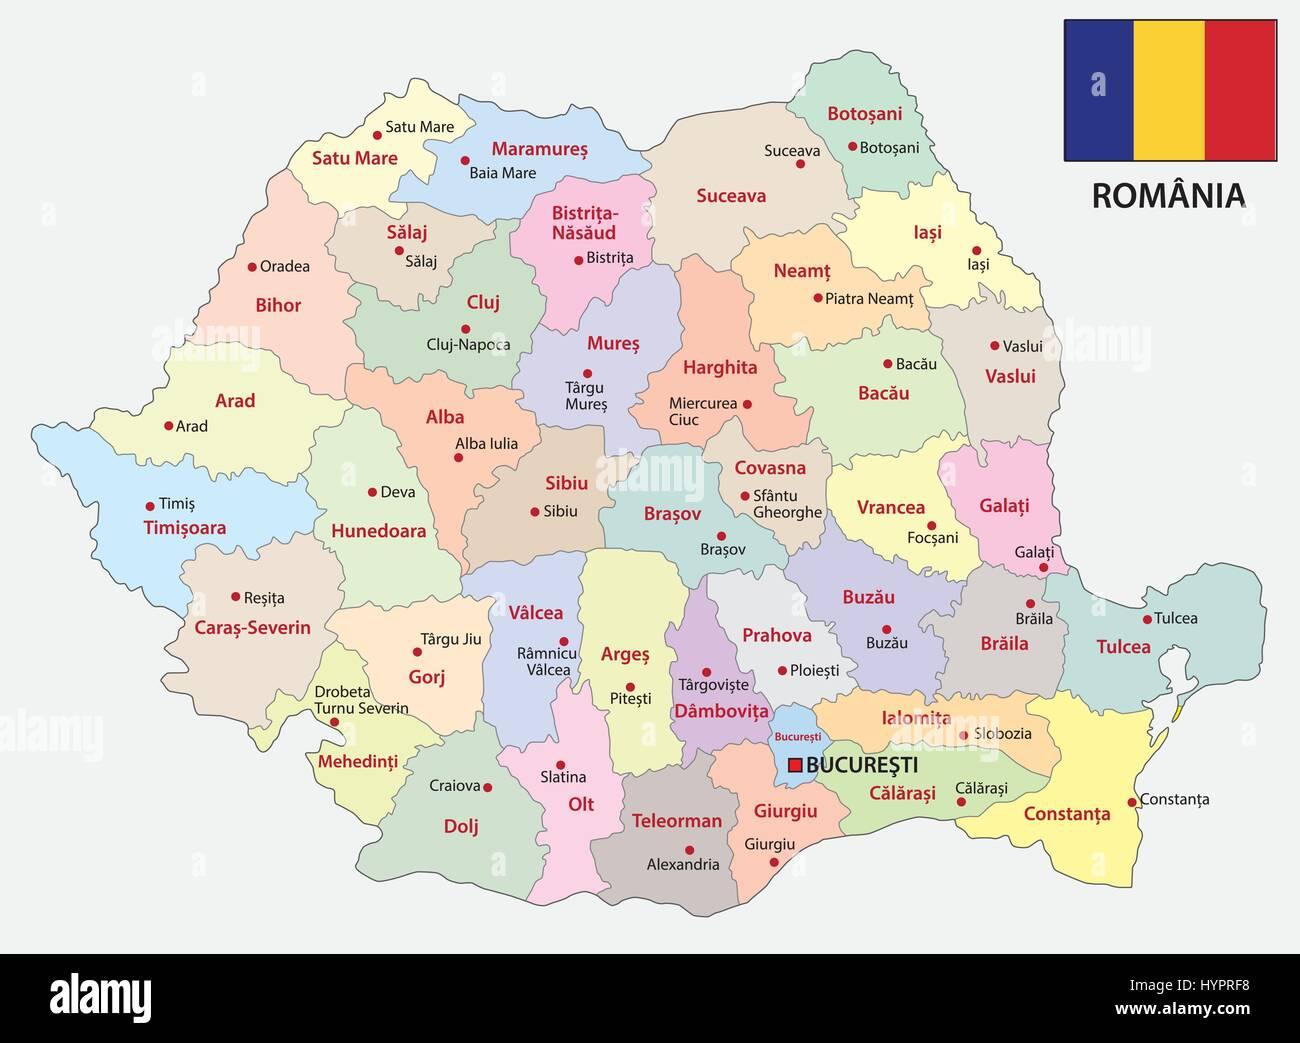 Cartina Romania Regioni.La Romania Mappa Amministrativa Immagine E Vettoriale Alamy